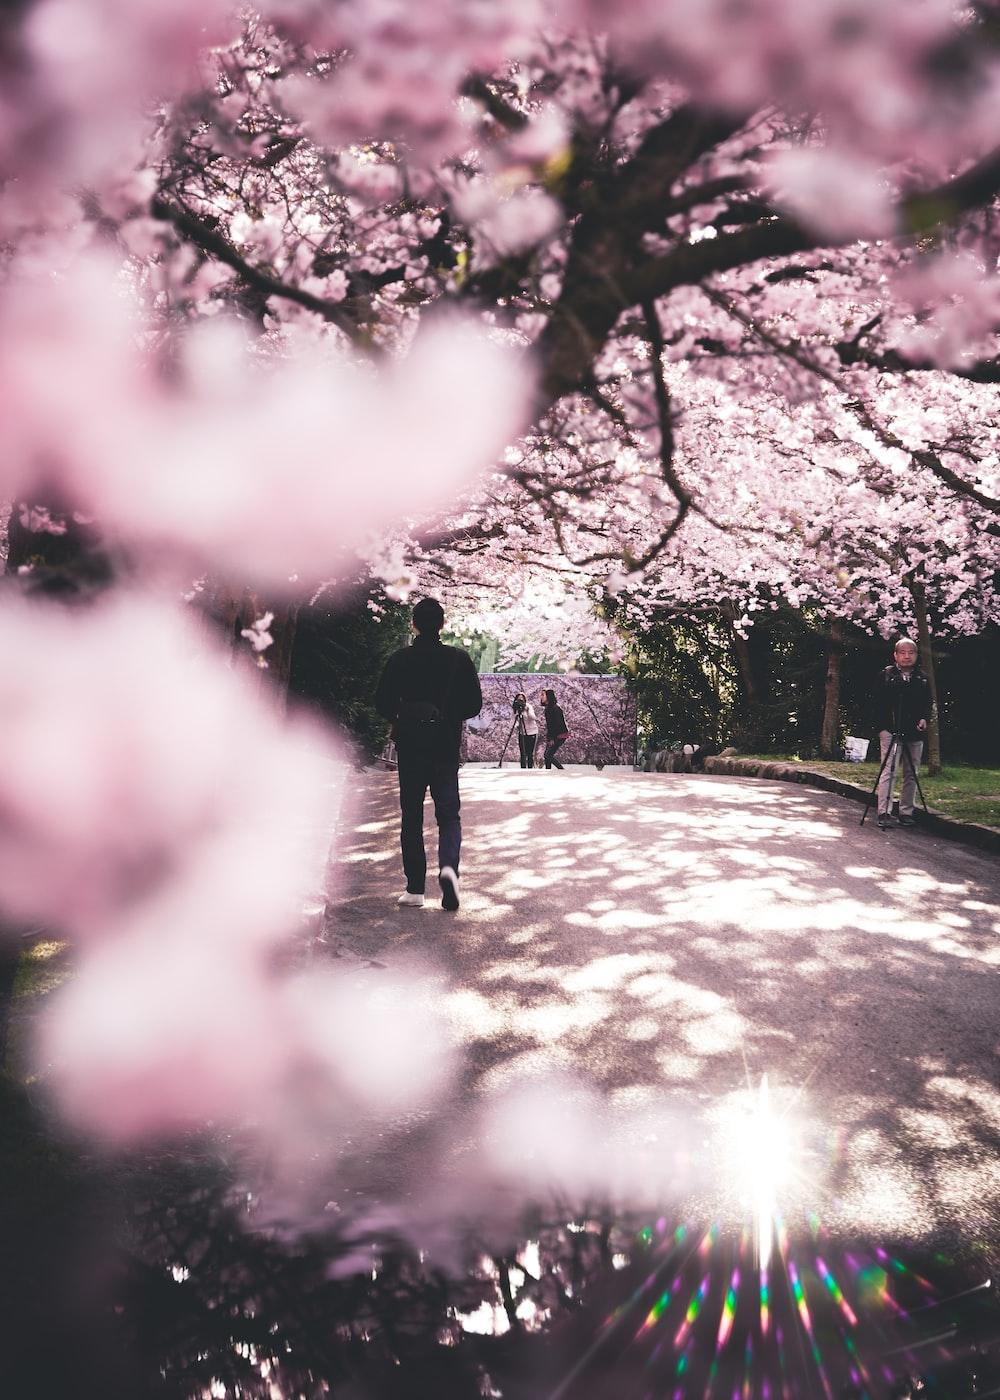 man walking under blossom trees